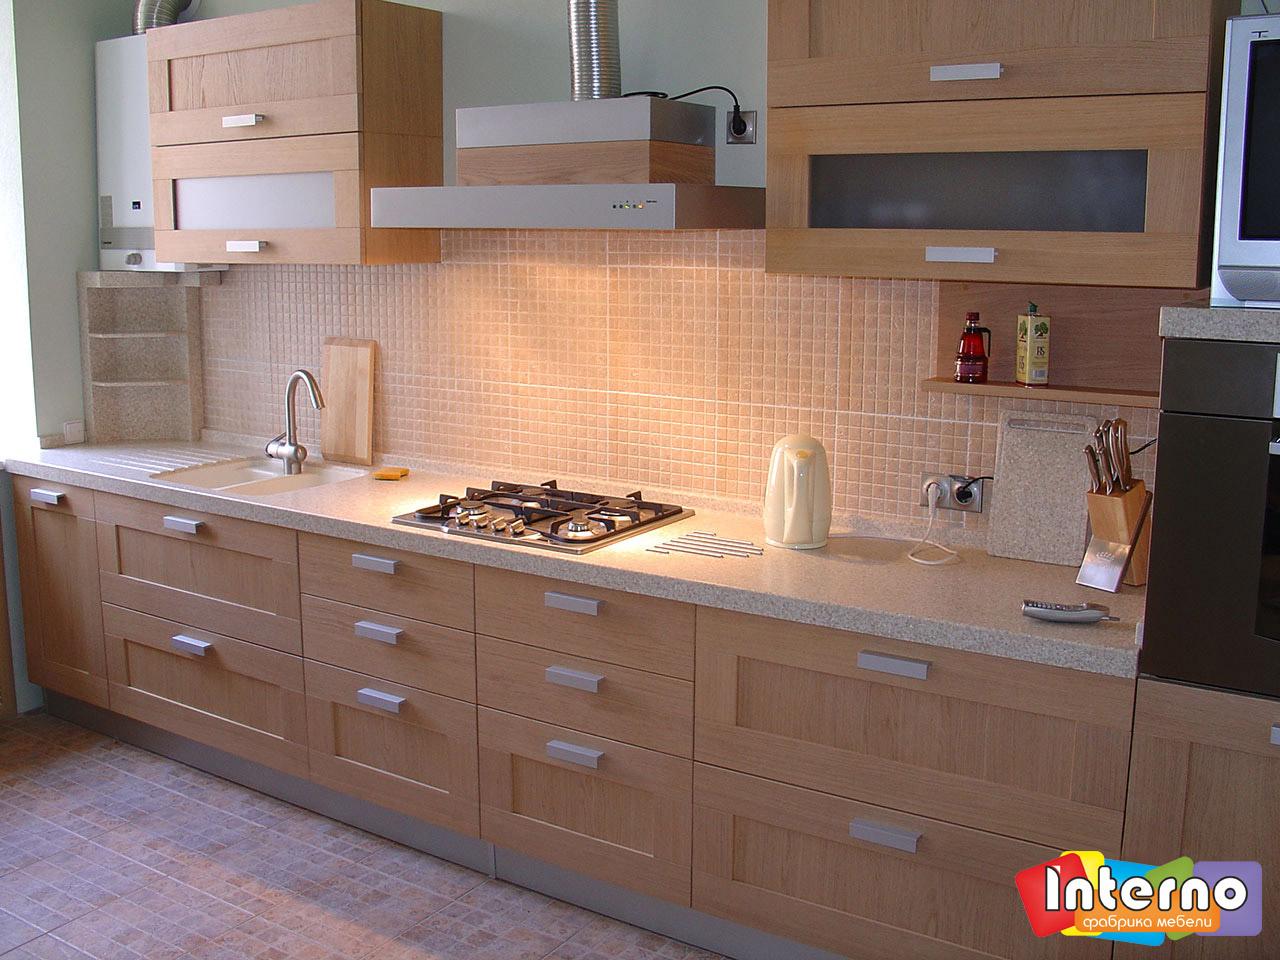 Кухни дизайн в ростове-на-дону